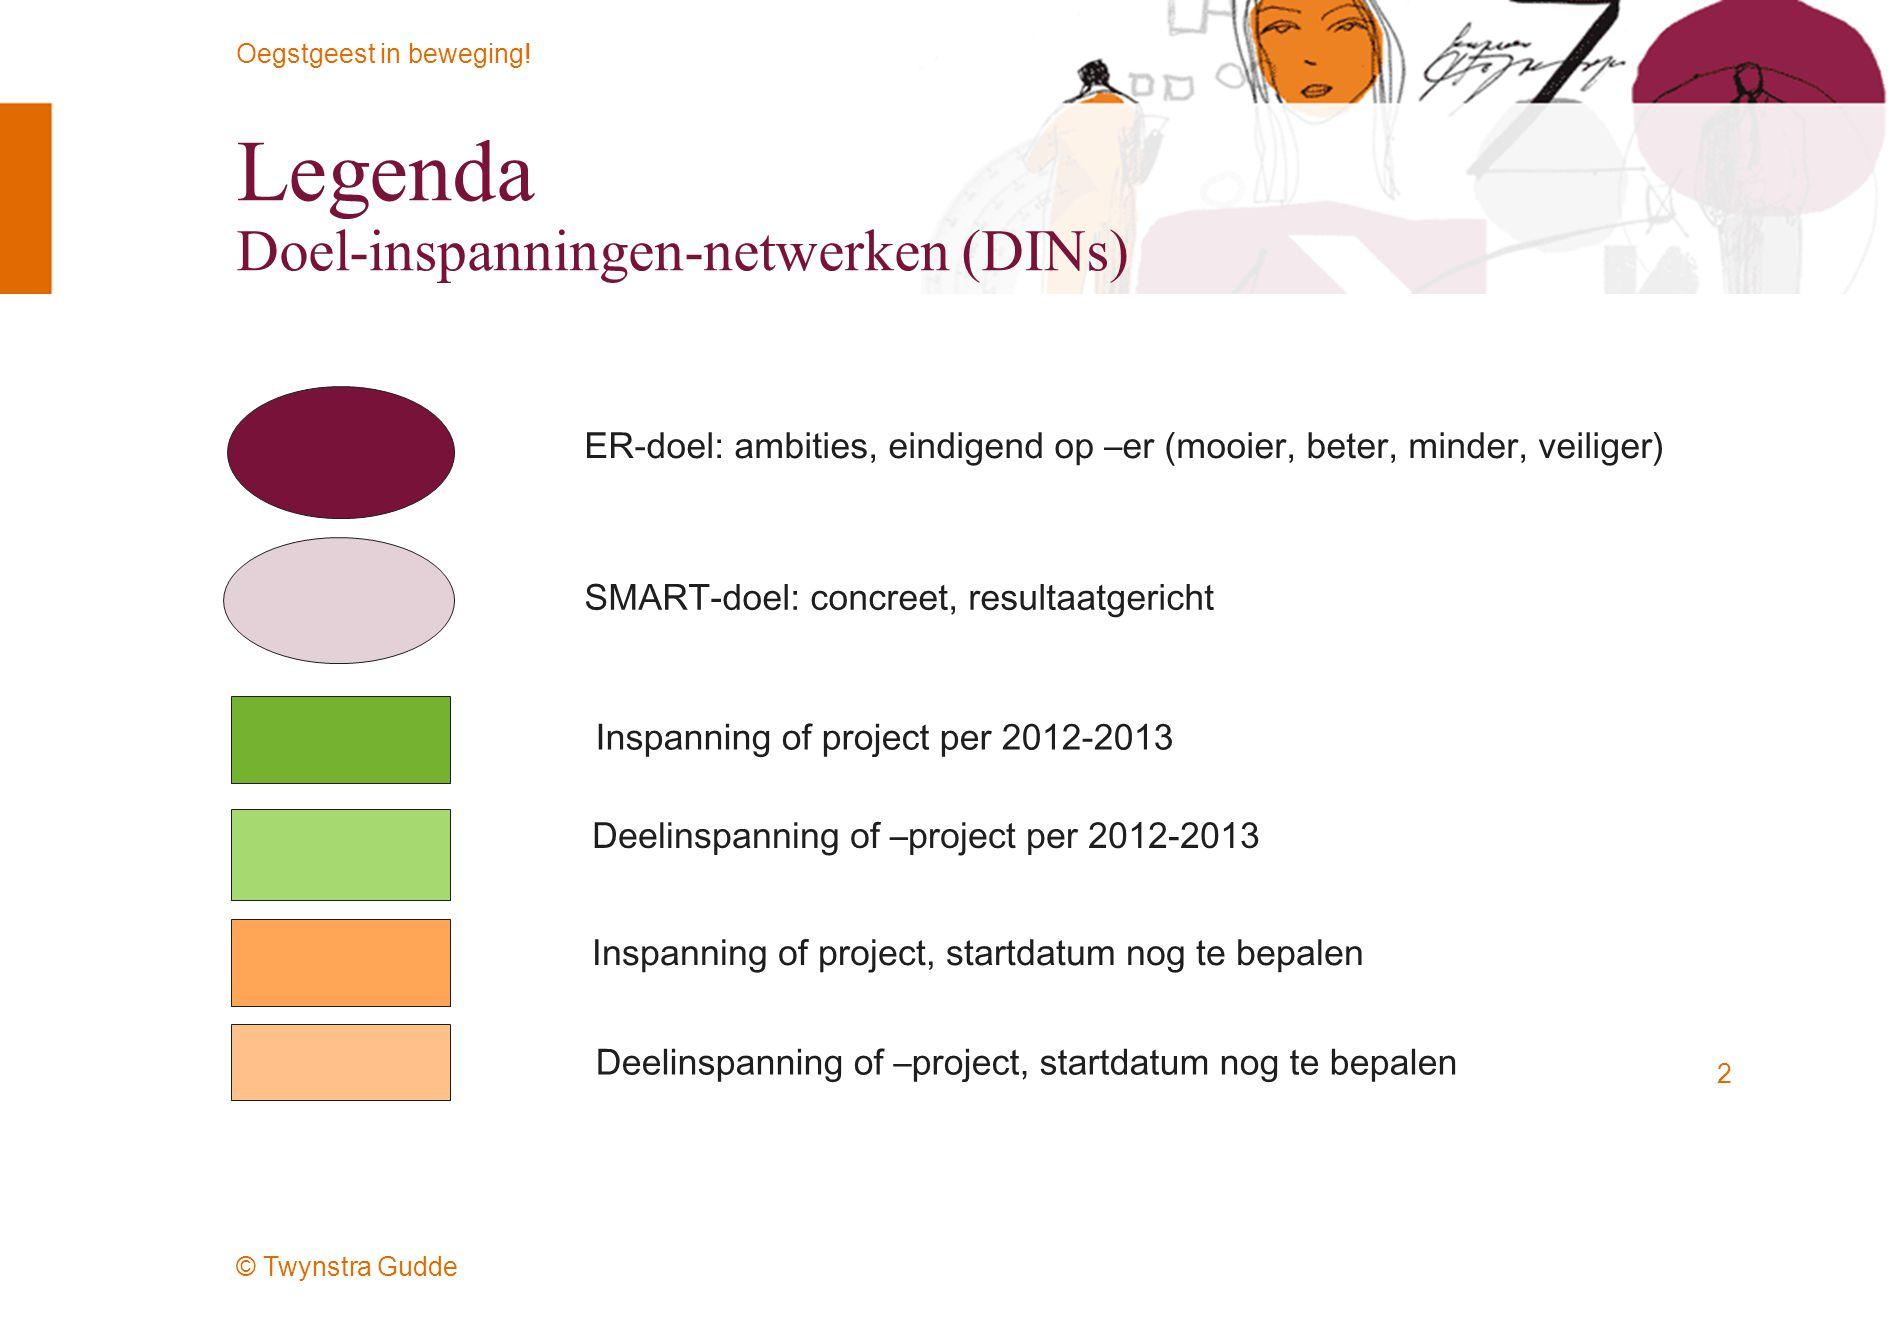 Legenda Doel-inspanningen-netwerken (DINs)